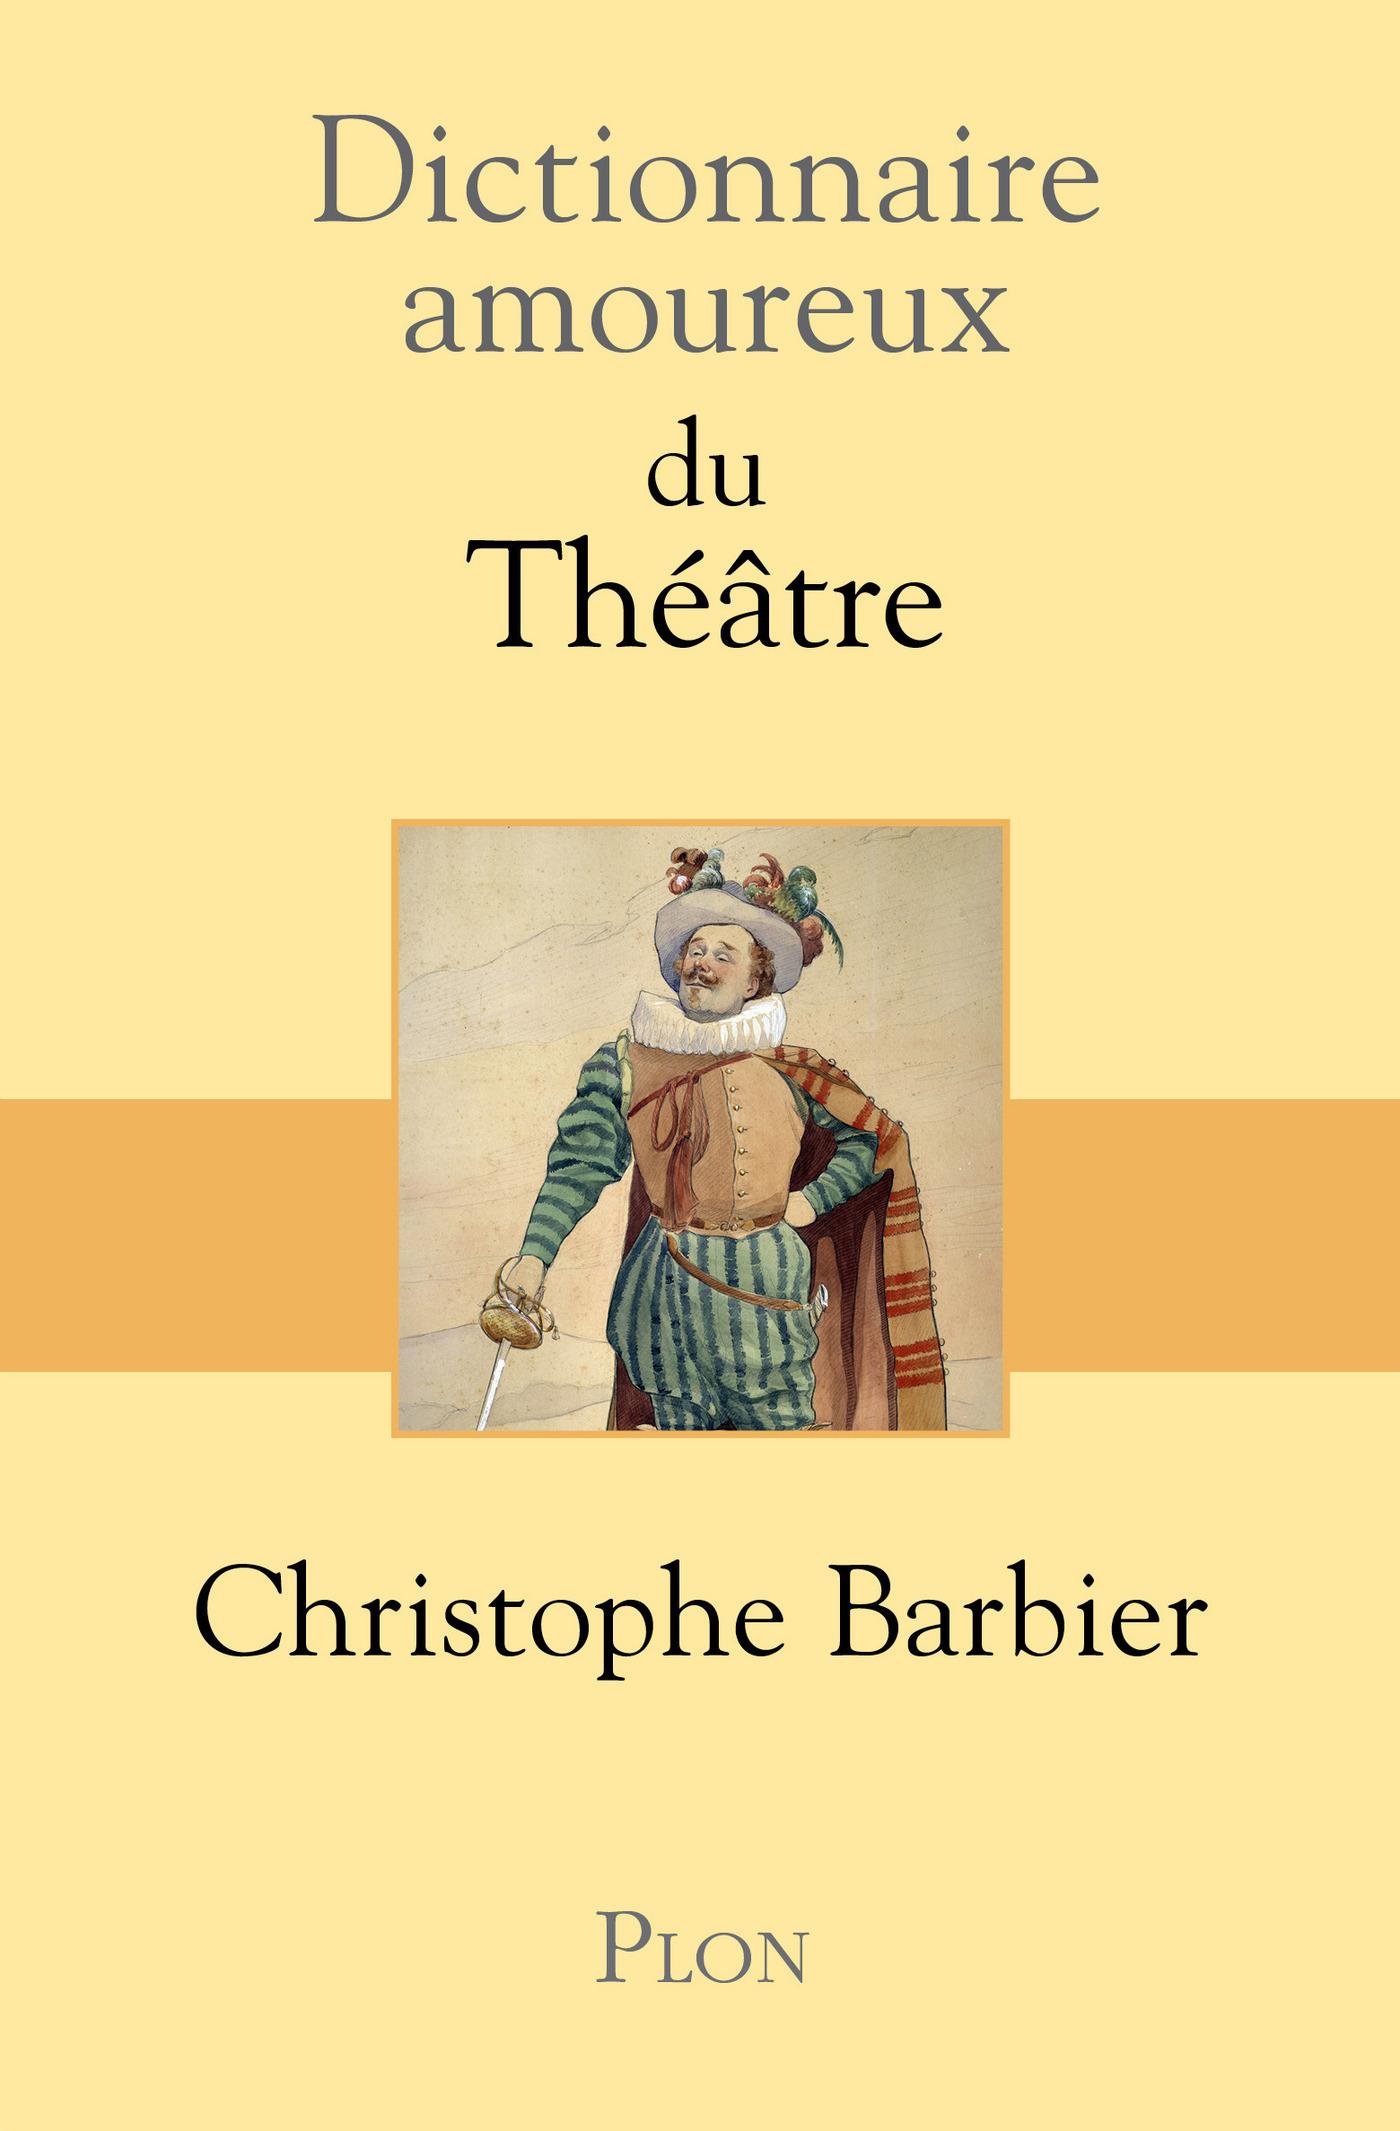 Dictionnaire amoureux du théâtre |